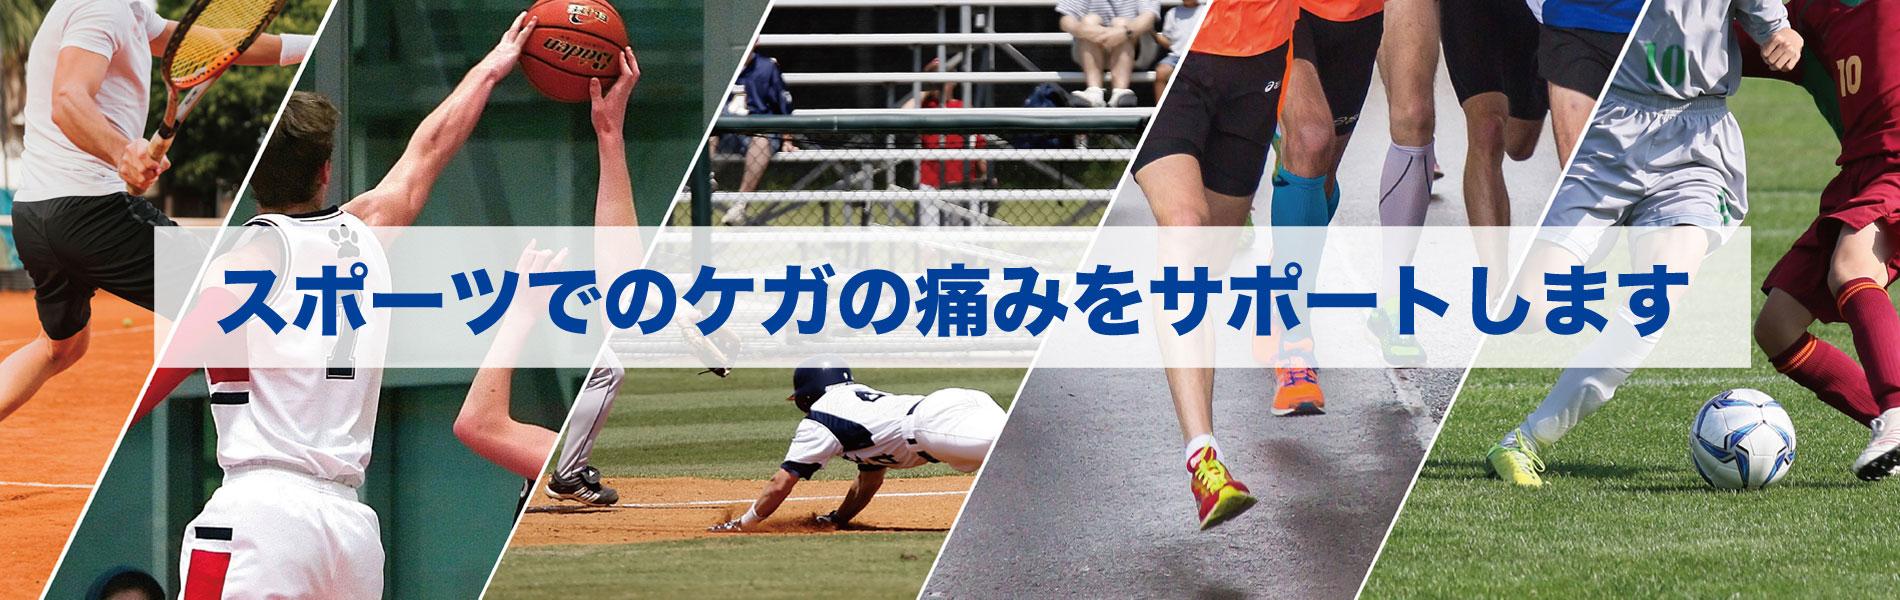 たかの整骨院:スポーツ障害